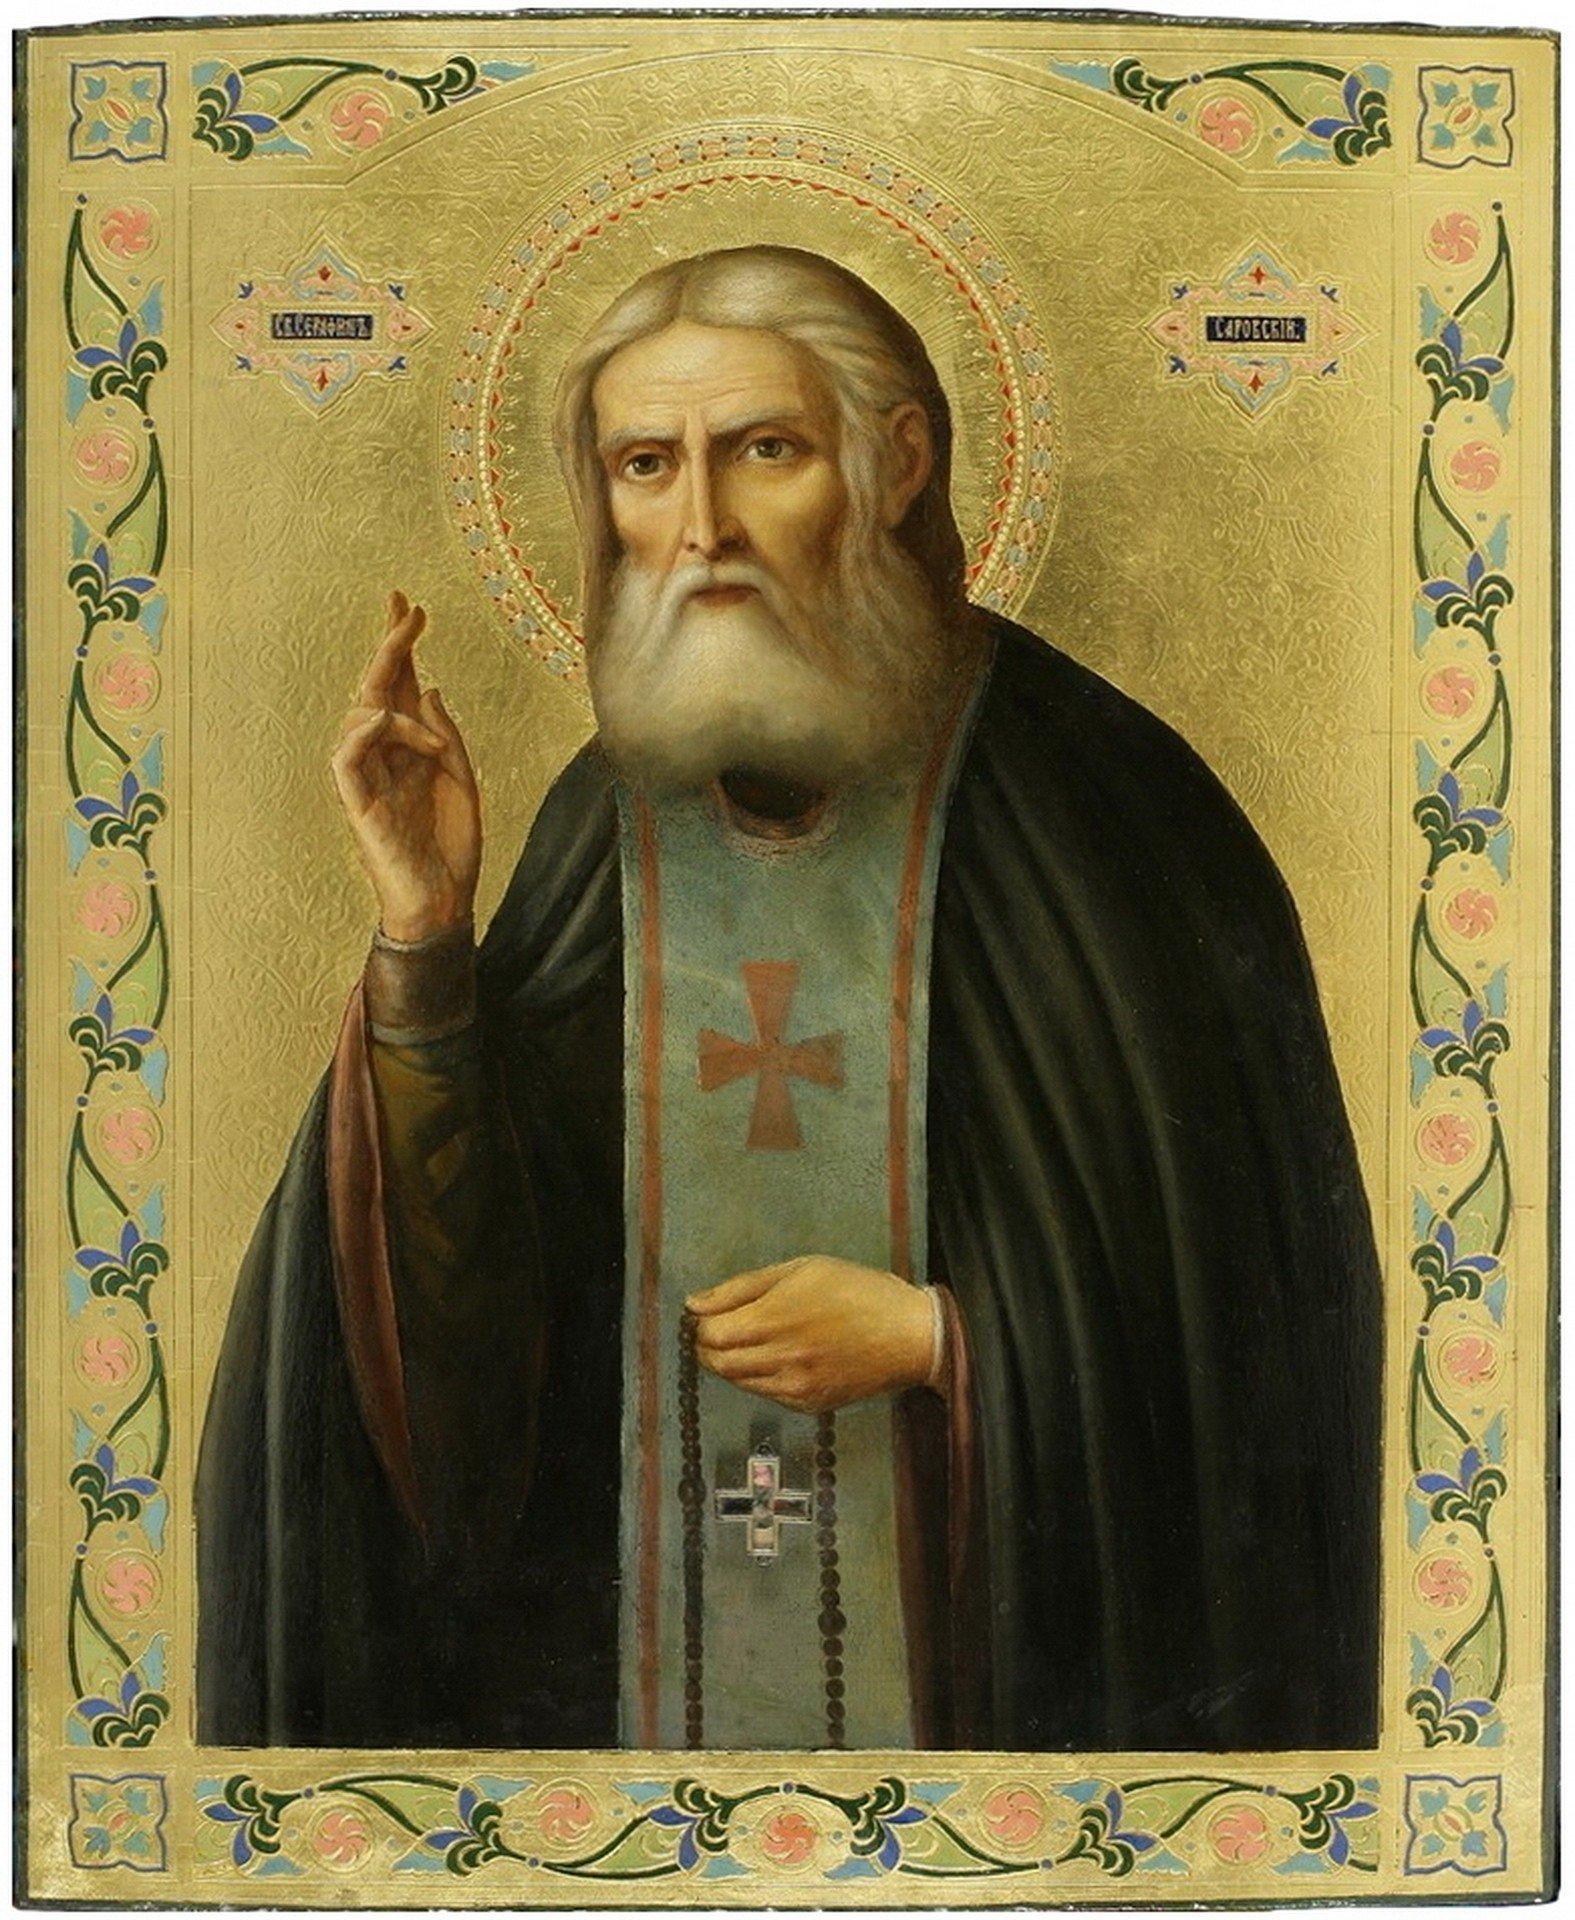 Молитва Серафиму Саровскому от нечистой силы